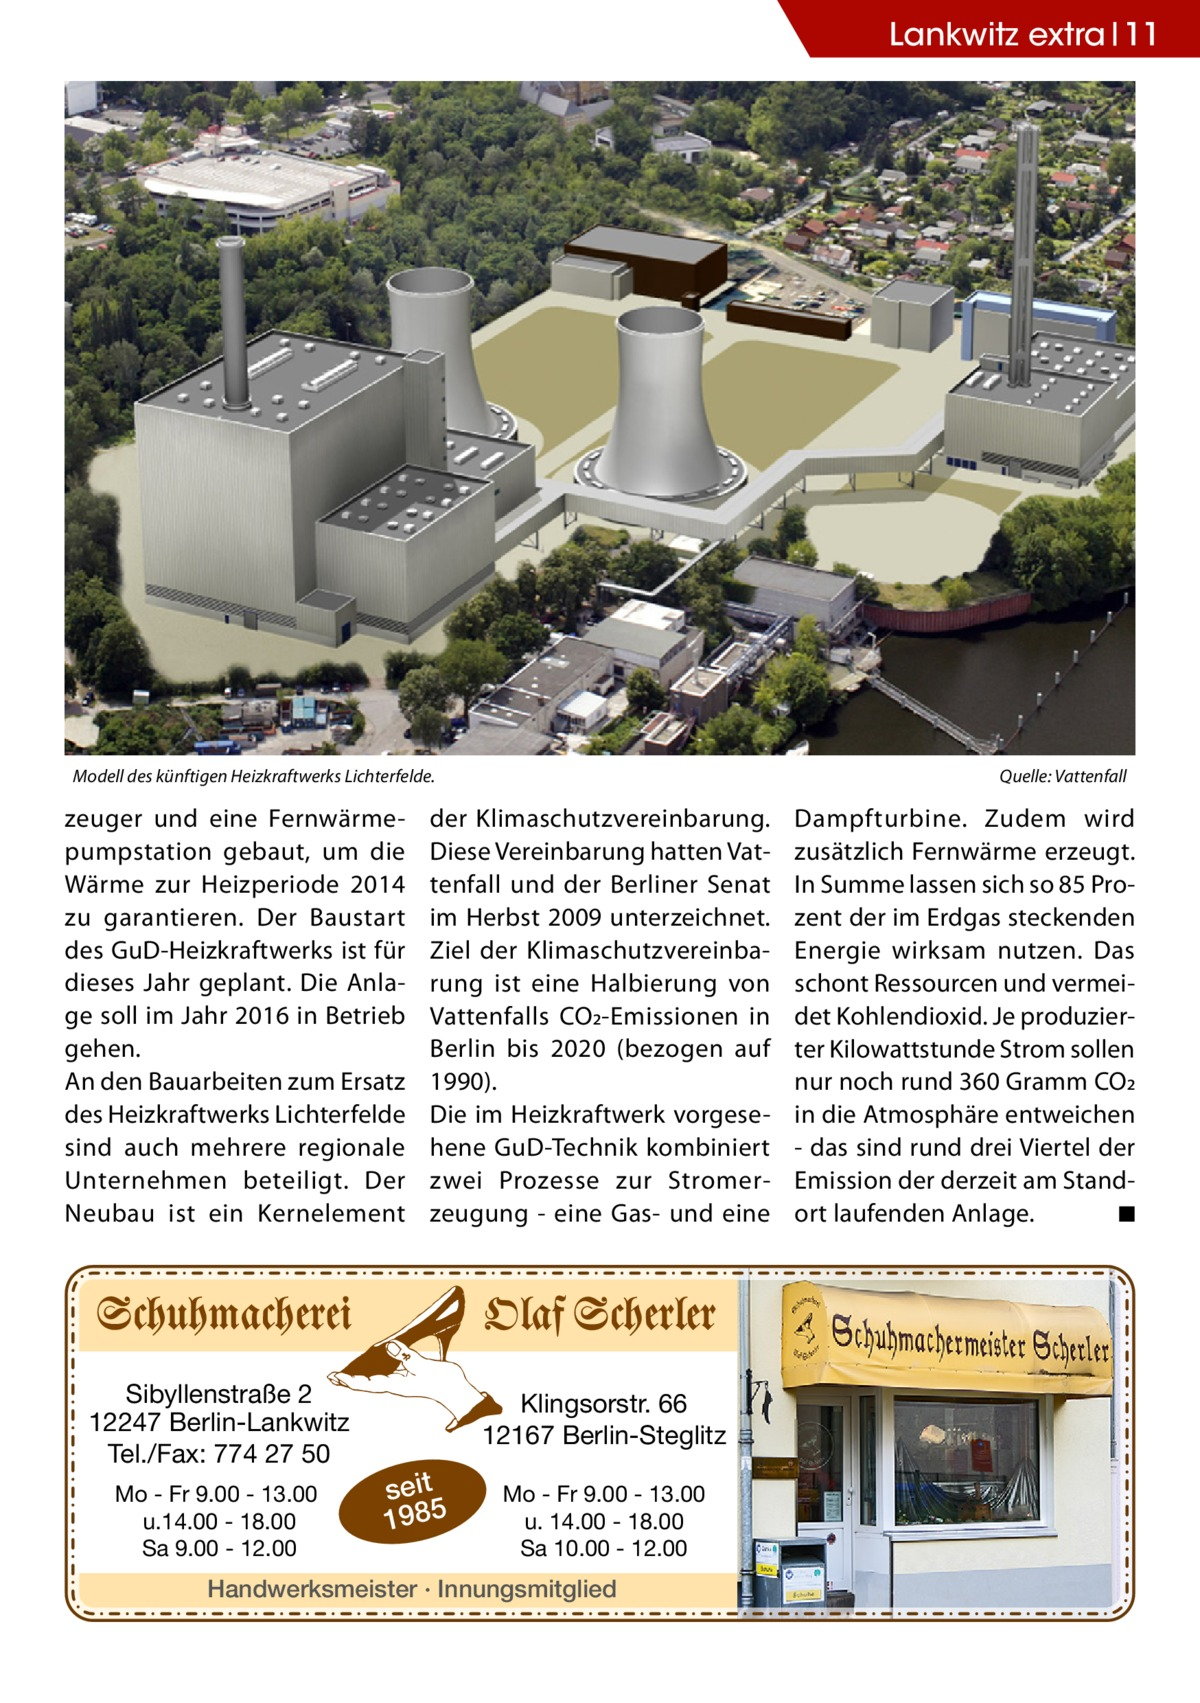 Lankwitz extra 11  Modell des künftigen Heizkraftwerks Lichterfelde.�  zeuger und eine Fernwärmepumpstation gebaut, um die Wärme zur Heizperiode 2014 zu garantieren. Der Baustart des GuD-Heizkraftwerks ist für dieses Jahr geplant. Die Anlage soll im Jahr 2016 in Betrieb gehen. An den Bauarbeiten zum Ersatz des Heizkraftwerks Lichterfelde sind auch mehrere regionale Unternehmen beteiligt. Der Neubau ist ein Kernelement  Sibyllenstraße 2 12247 Berlin-Lankwitz Tel./Fax: 774 27 50 Mo - Fr 9.00 - 13.00 u.14.00 - 18.00 Sa 9.00 - 12.00  Quelle: Vattenfall  der Klimaschutzvereinbarung. Diese Vereinbarung hatten Vattenfall und der Berliner Senat im Herbst 2009 unterzeichnet. Ziel der Klimaschutzvereinbarung ist eine Halbierung von Vattenfalls CO2-Emissionen in Berlin bis 2020 (bezogen auf 1990). Die im Heizkraftwerk vorgesehene GuD-Technik kombiniert zwei Prozesse zur Stromerzeugung - eine Gas- und eine  Klingsorstr. 66 12167 Berlin-Steglitz  seit 1985  Mo - Fr 9.00 - 13.00 u. 14.00 - 18.00 Sa 10.00 - 12.00  Handwerksmeister · Innungsmitglied  Dampfturbine. Zudem wird zusätzlich Fernwärme erzeugt. In Summe lassen sich so 85 Prozent der im Erdgas steckenden Energie wirksam nutzen. Das schont Ressourcen und vermeidet Kohlendioxid. Je produzierter Kilowattstunde Strom sollen nur noch rund 360Gramm CO2 in die Atmosphäre entweichen - das sind rund drei Viertel der Emission der derzeit am Standort laufenden Anlage. � ◾